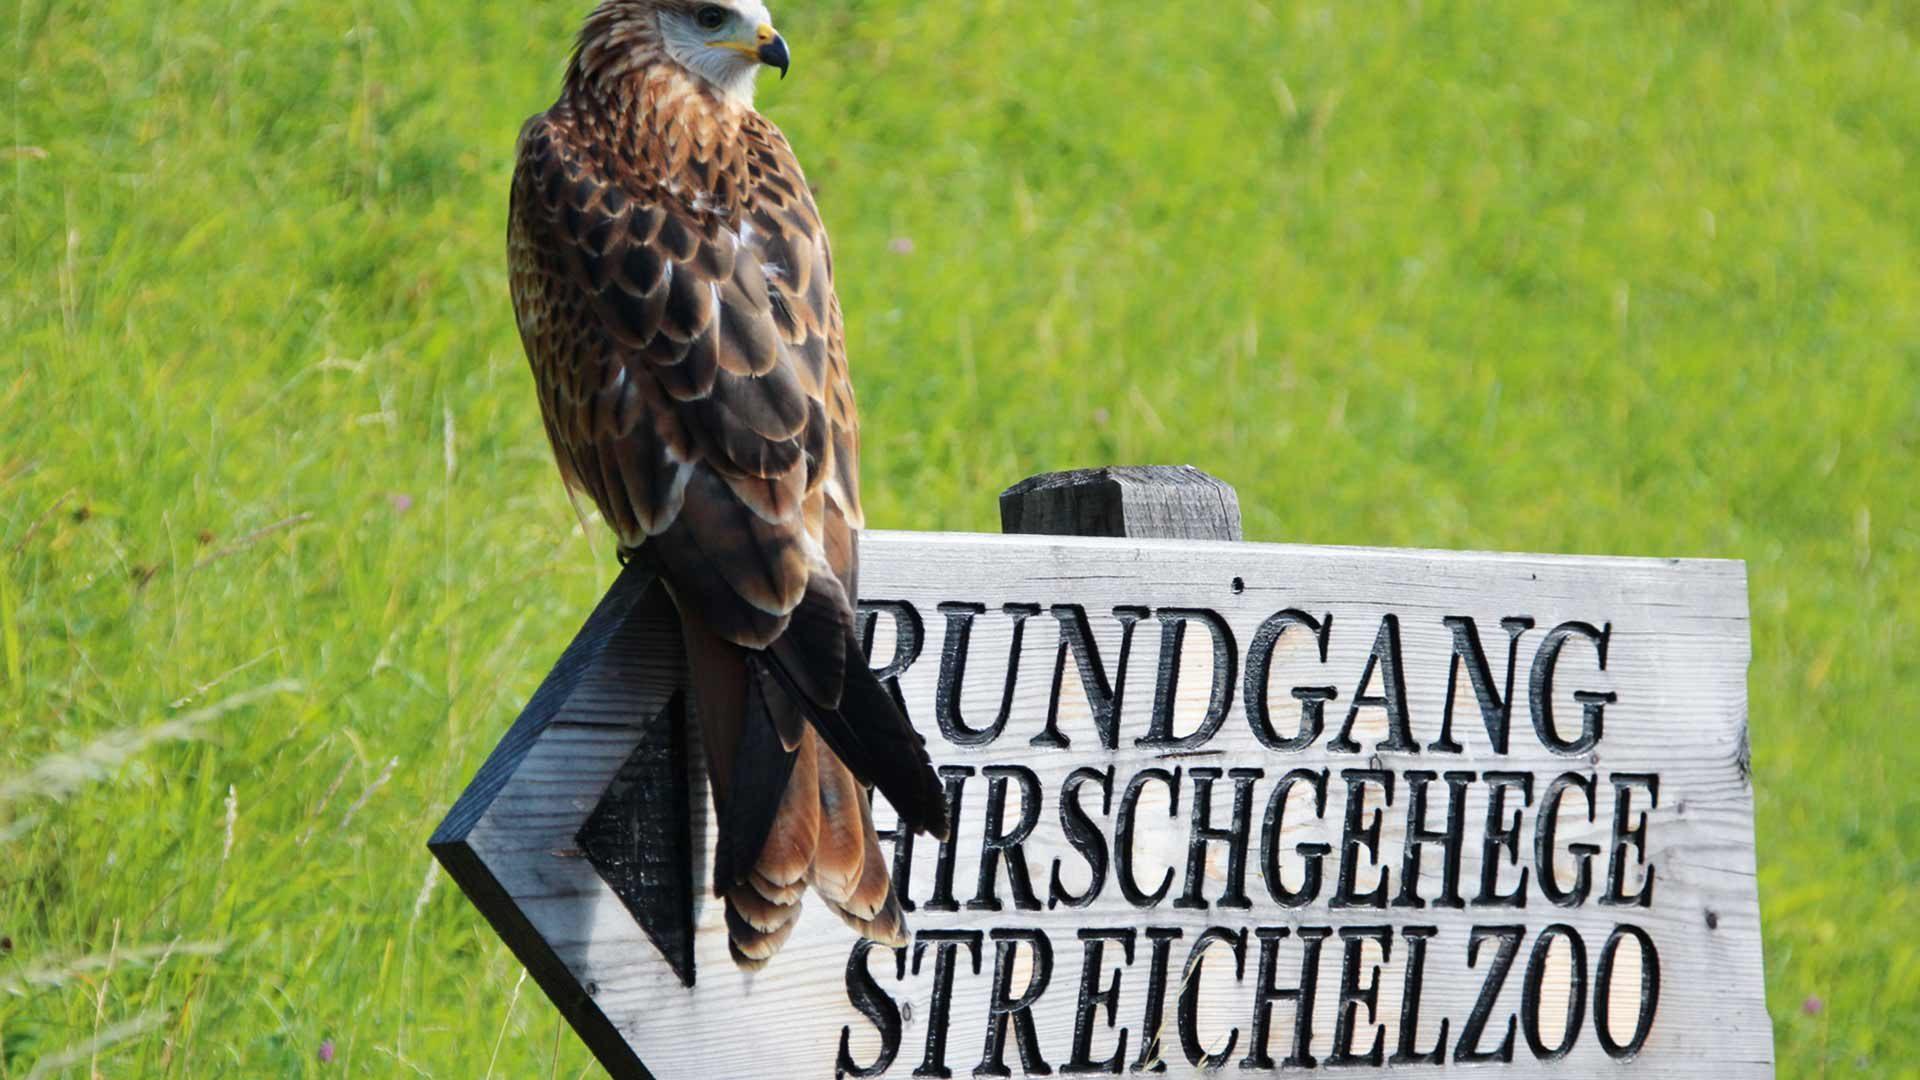 Hirschgehege, Streichelzoo & Flugshow